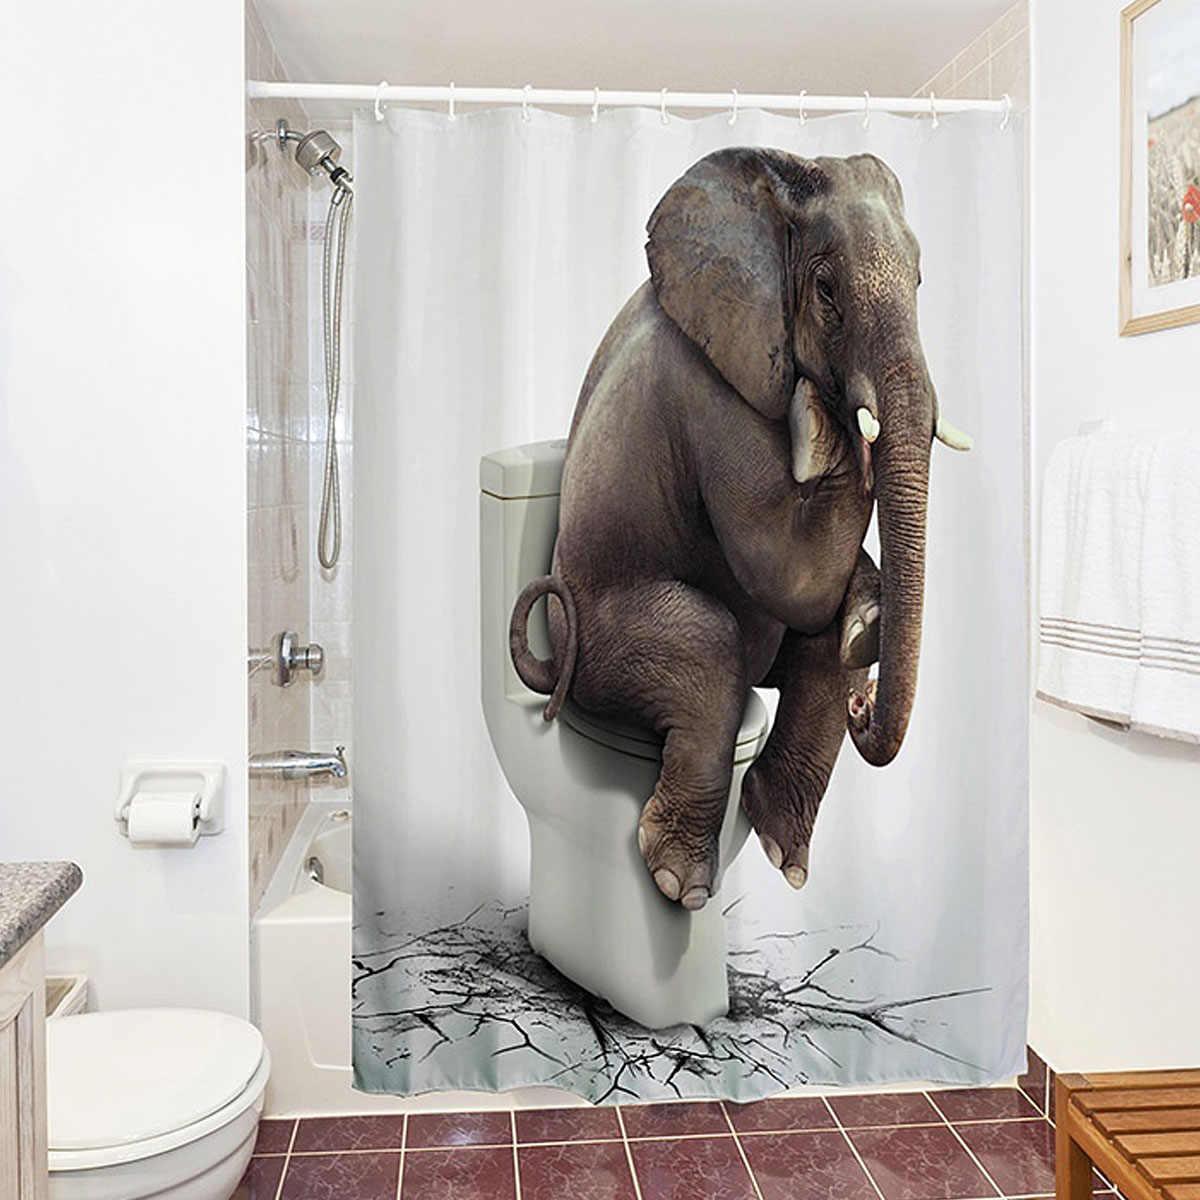 دش الستائر 180x180 سنتيمتر الفيل للماء البوليستر ستارة الحمام مع 12 السنانير حمام الديكور + طقم مشايات حمام يمتص الماء مضاد للبكتريا